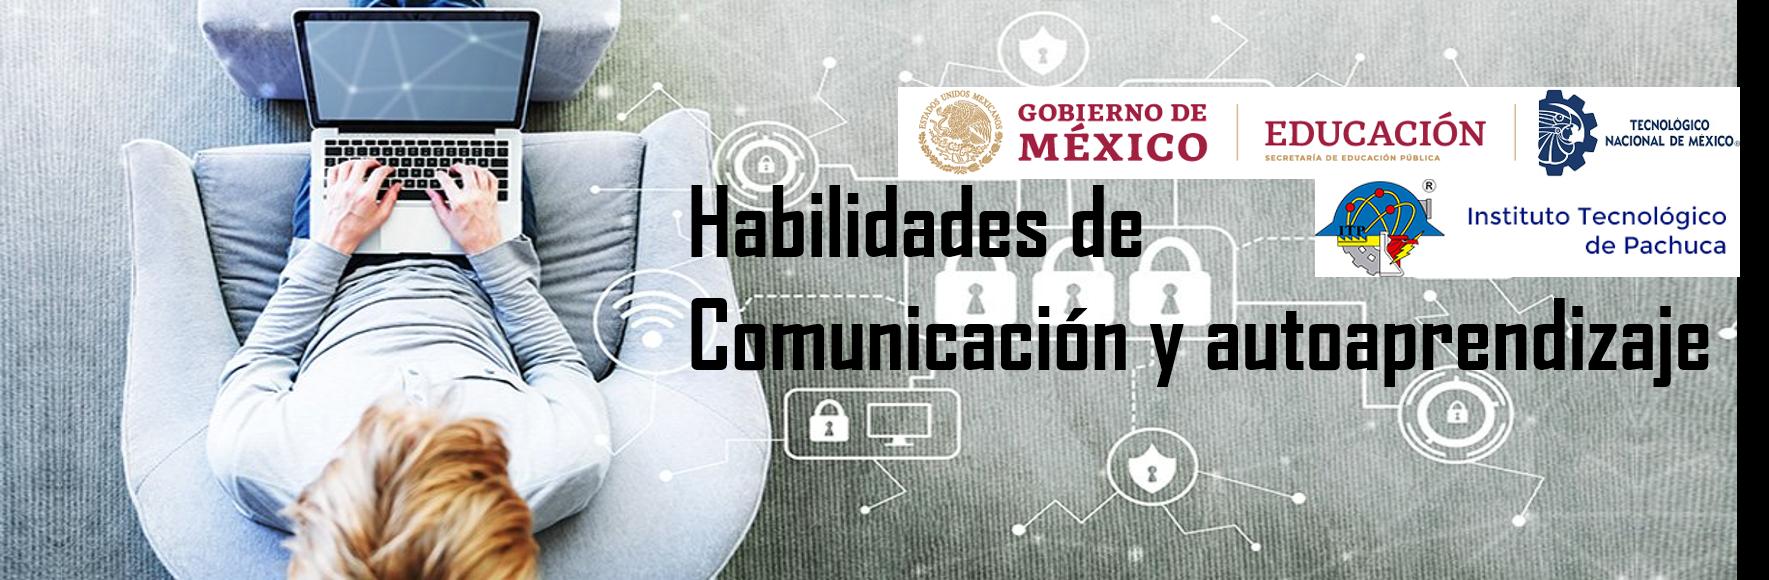 Habilidades de comunicación y autoaprendizaje-2021